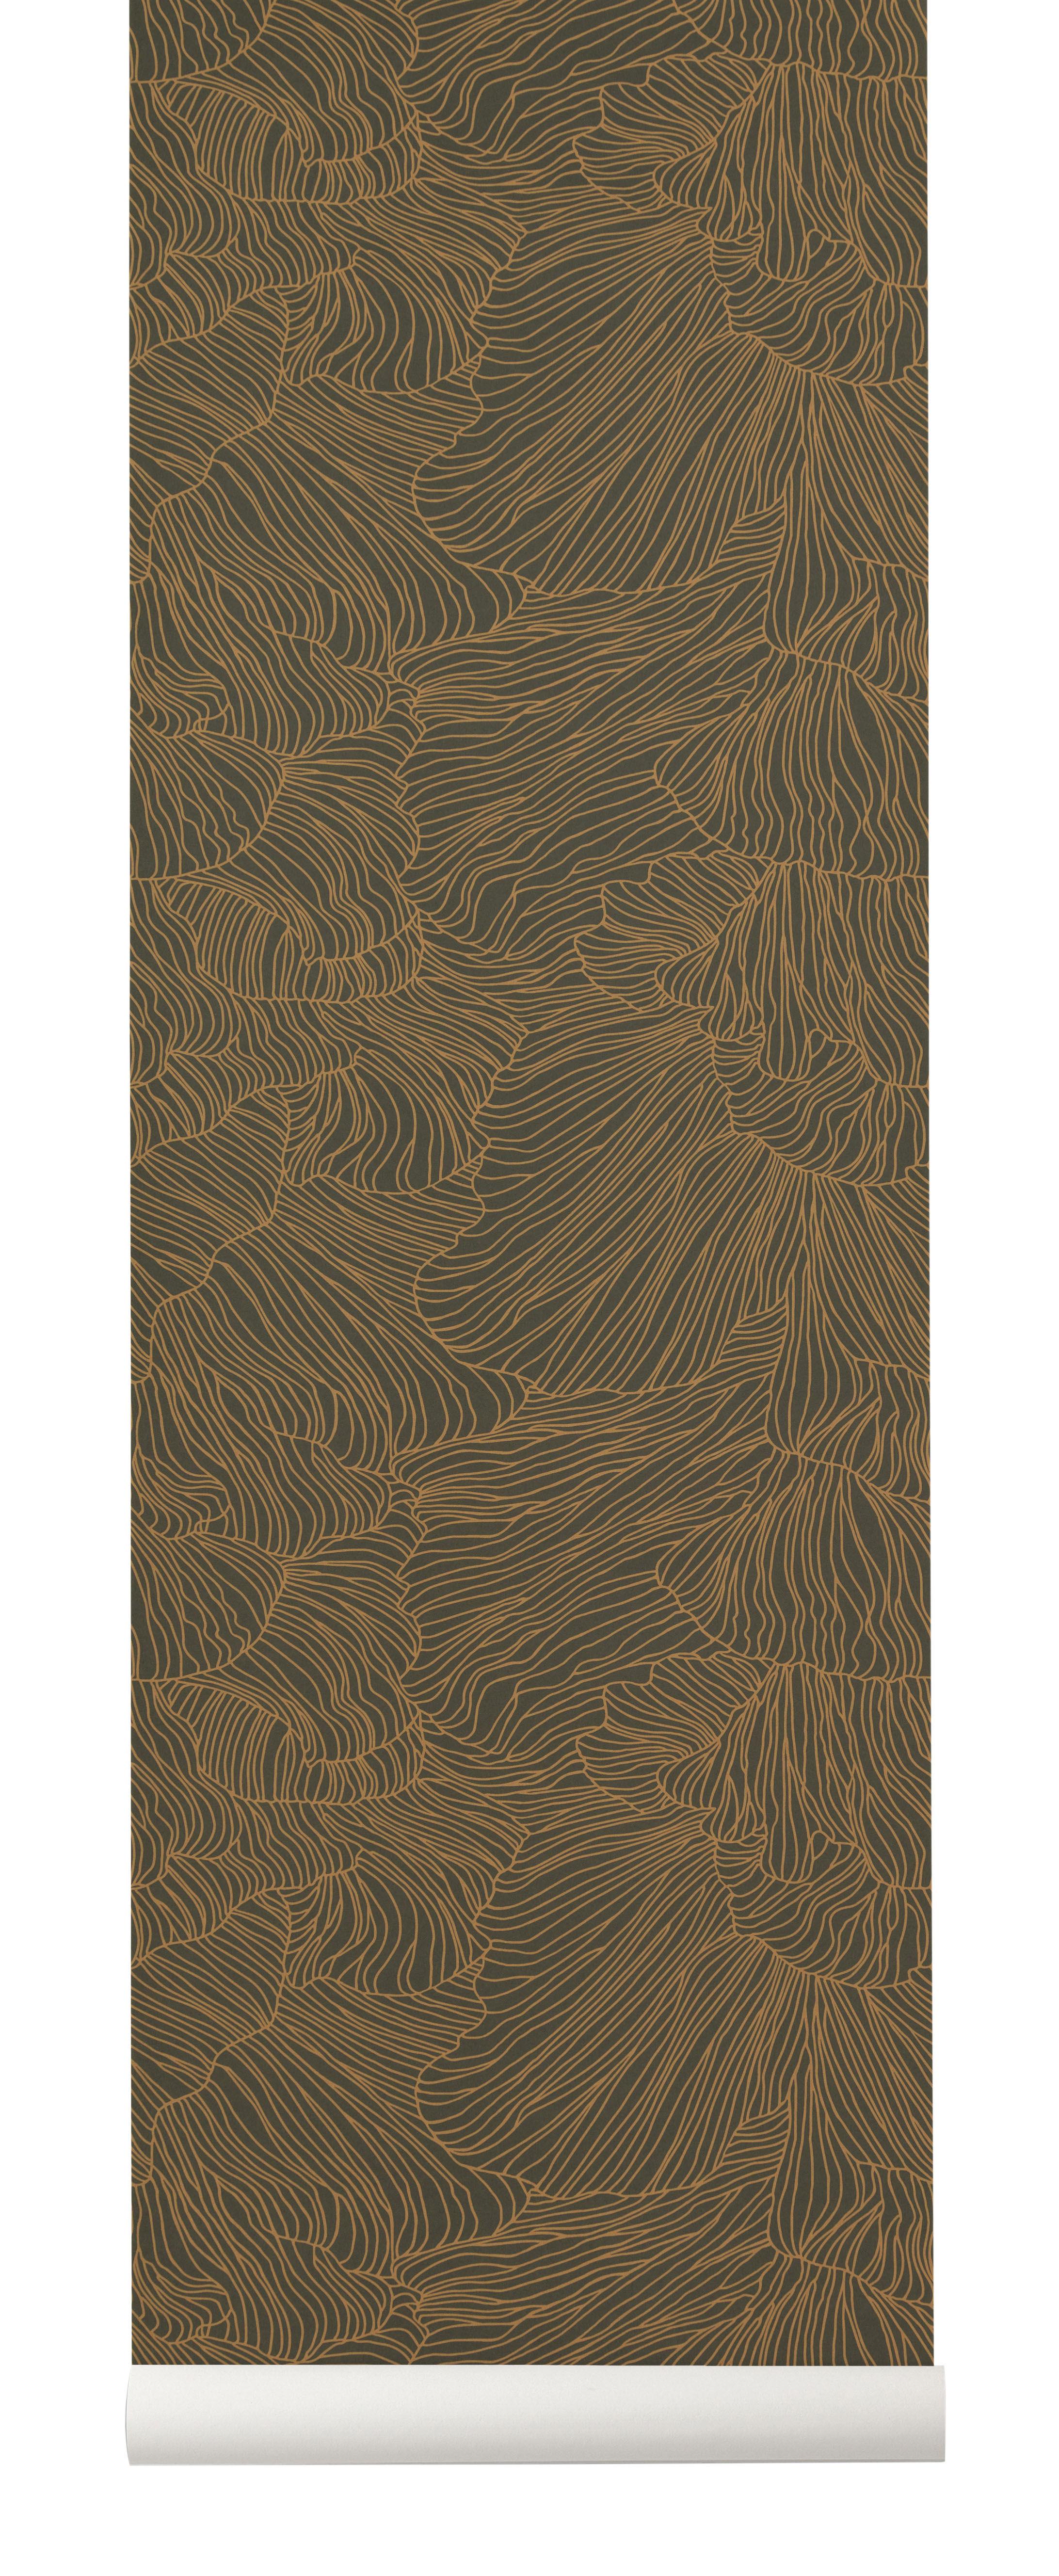 Déco - Stickers, papiers peints & posters - Papier peint Coral / 1 rouleau - Larg 53 cm - Ferm Living - Vert foncé / Or - Toile intissée